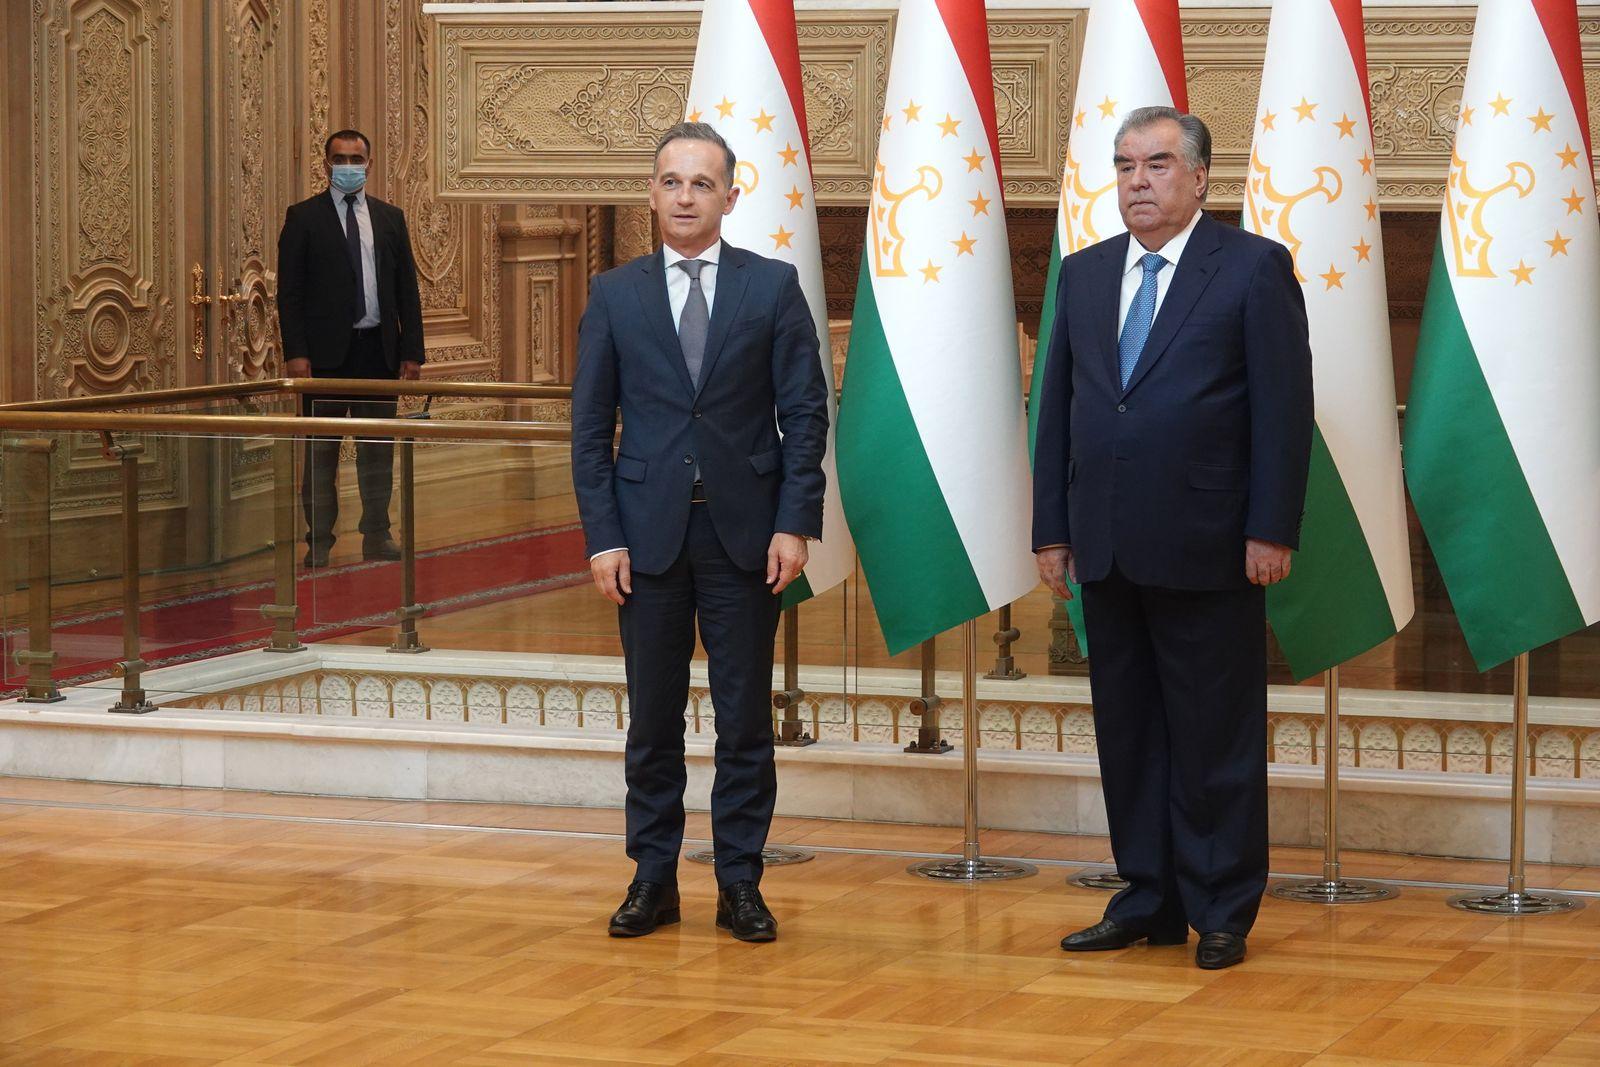 Außenminister Heiko Maas in Tadschikistan